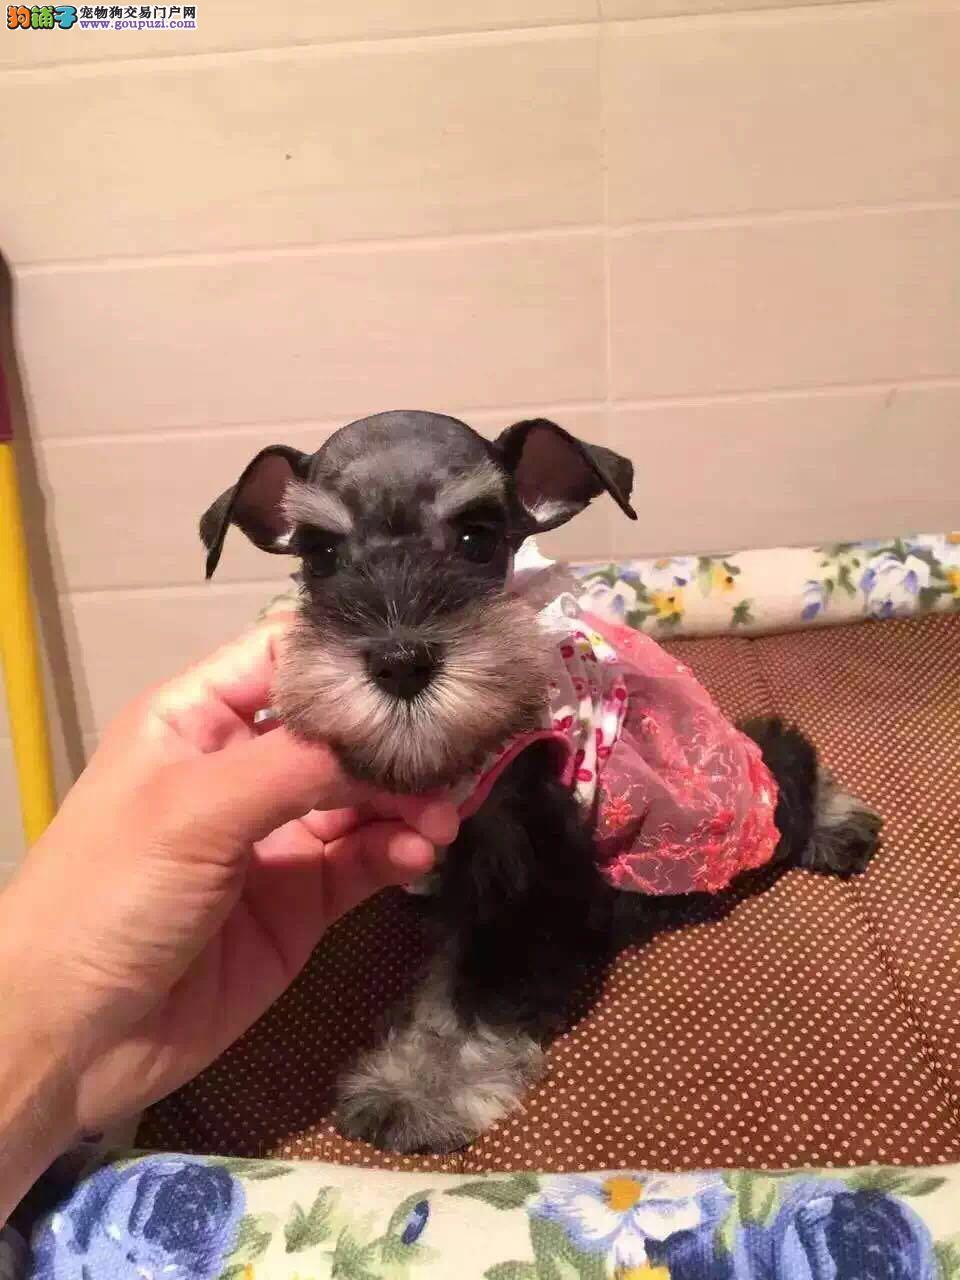 出售纯种雪纳瑞犬,长睫毛,可爱萌宠